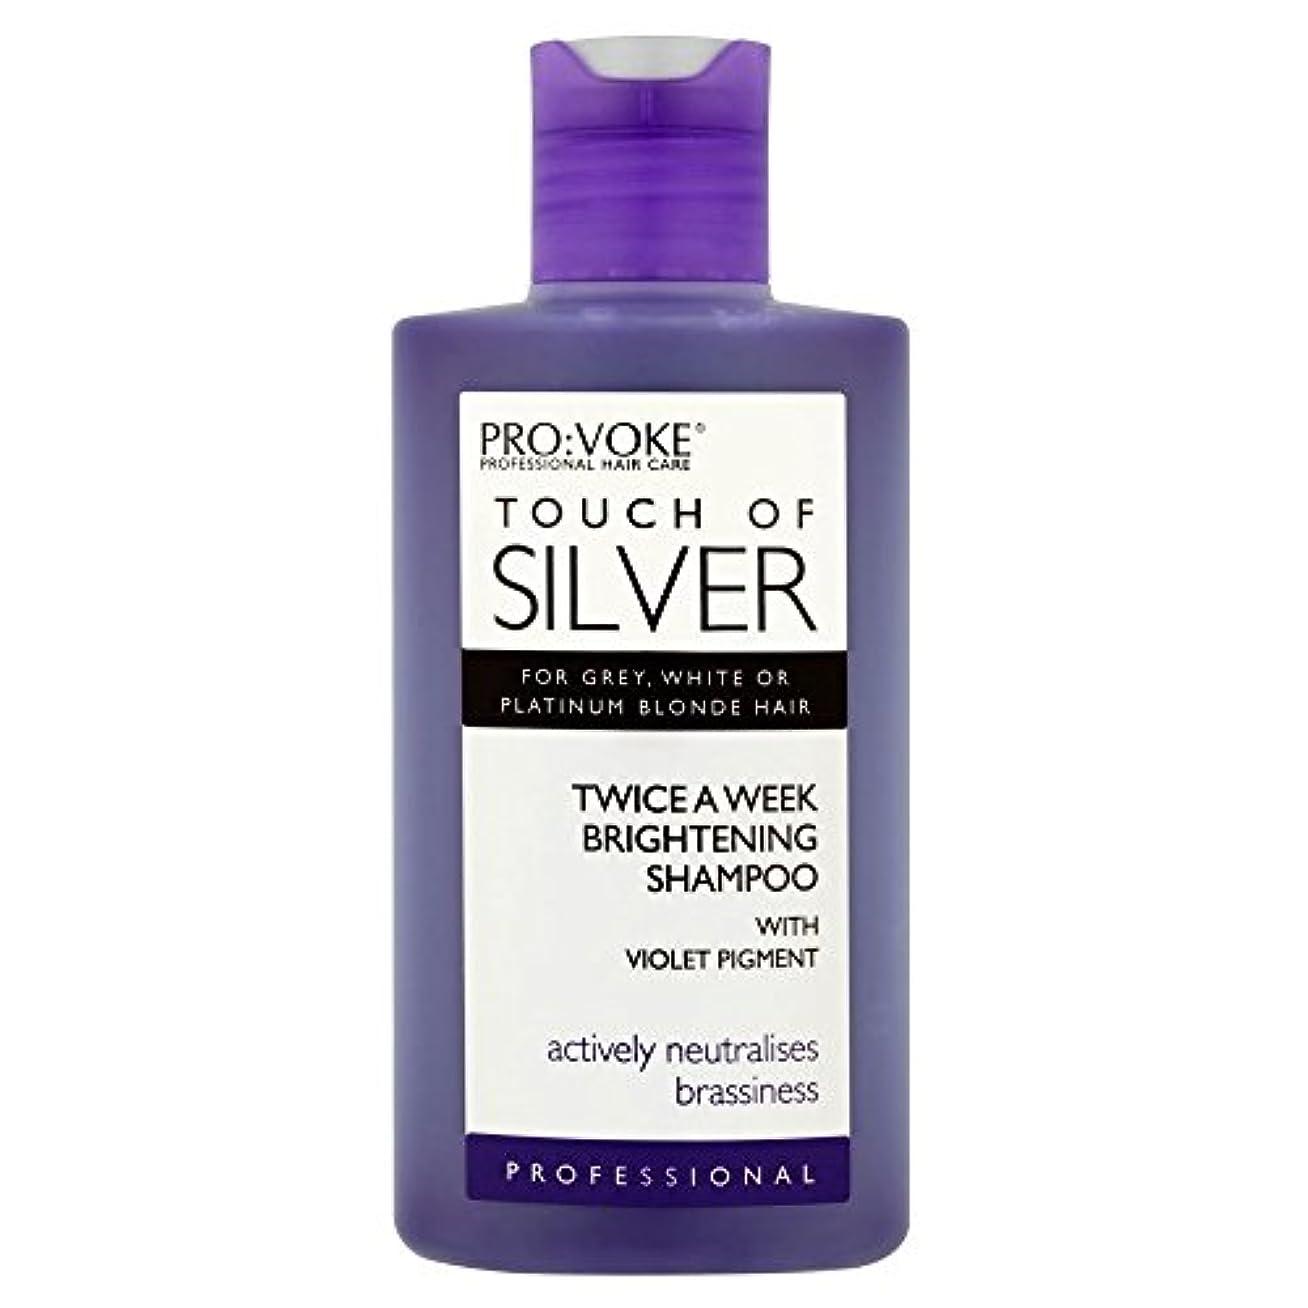 ダイジェストディレクトリ新年Pro:voke Touch of Silver Professional Twice a Week Brightening Shampoo (150ml) プロ:プロの銀二回週白シャンプーのvokeタッチ( 150ミリリットル...